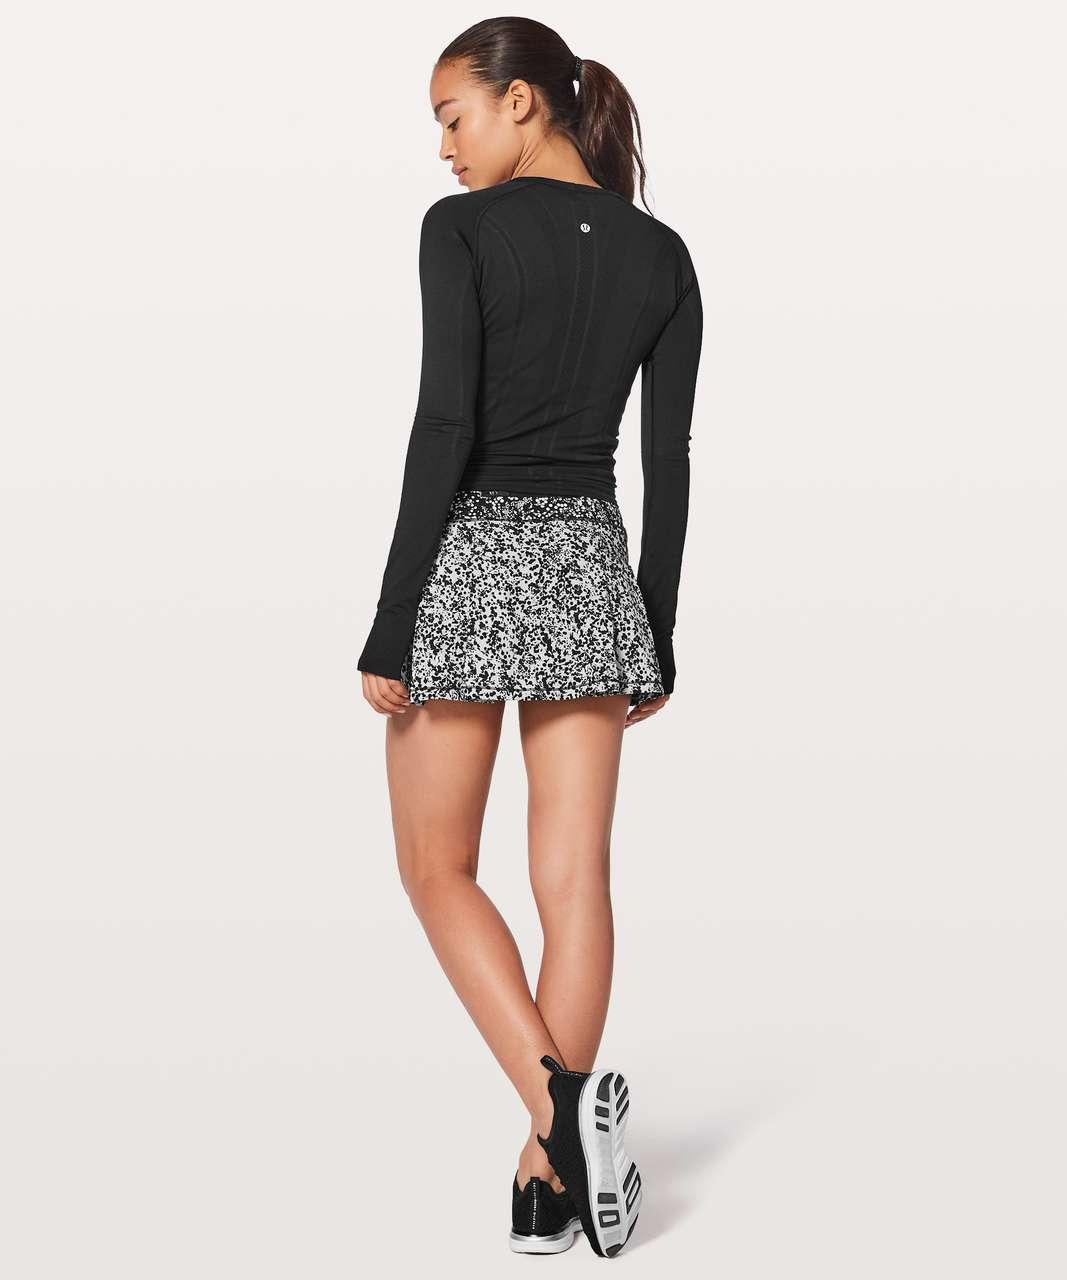 Lululemon Pace Rival Skirt (Regular) *No Panels - Chirakasu Alpine White / Chirasu Black